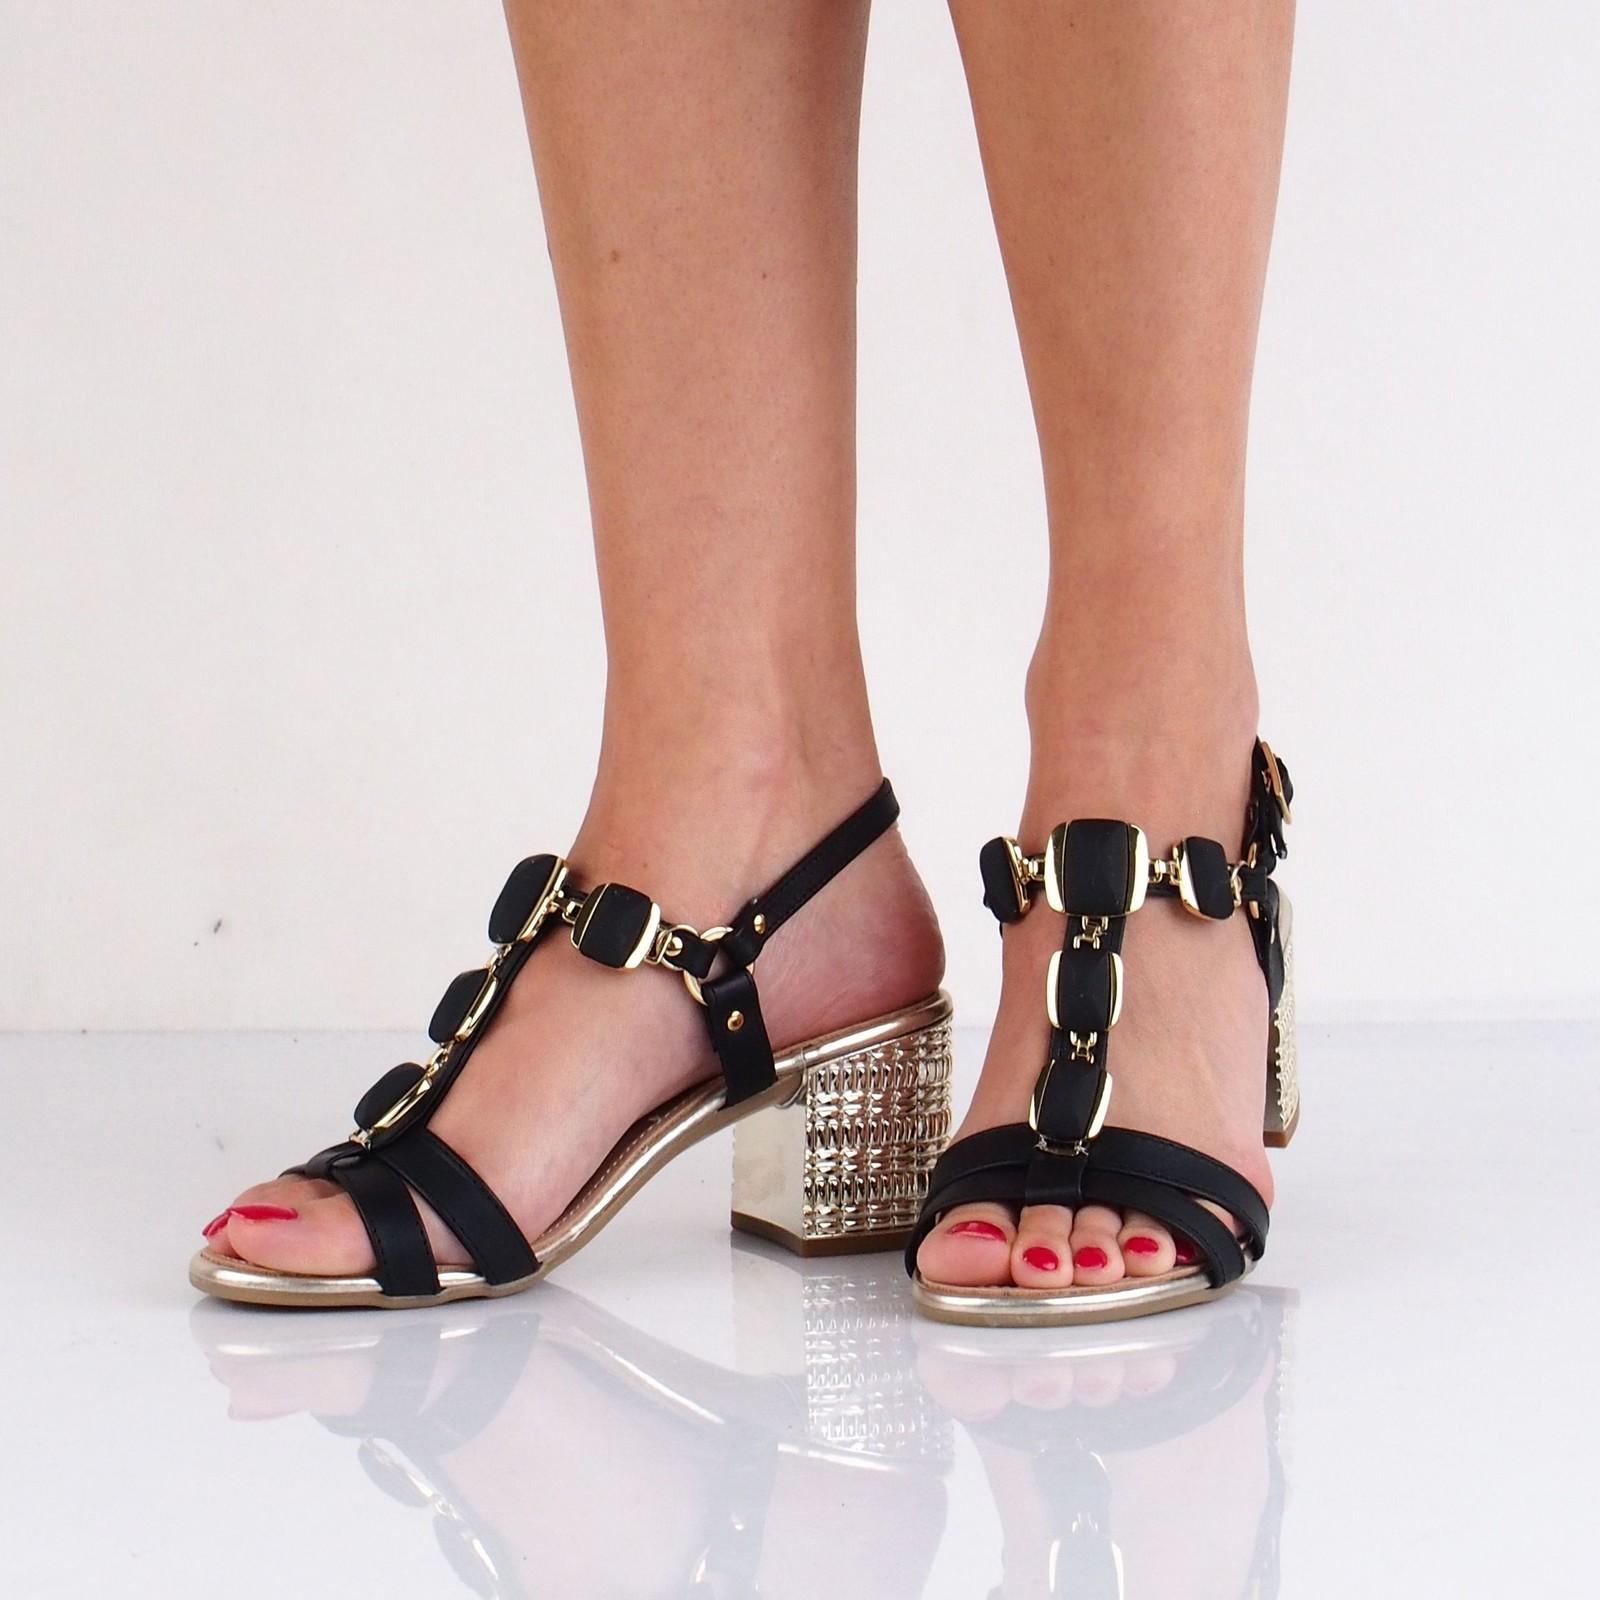 Prativerdi dámske kožené elegantné sandále - čierne